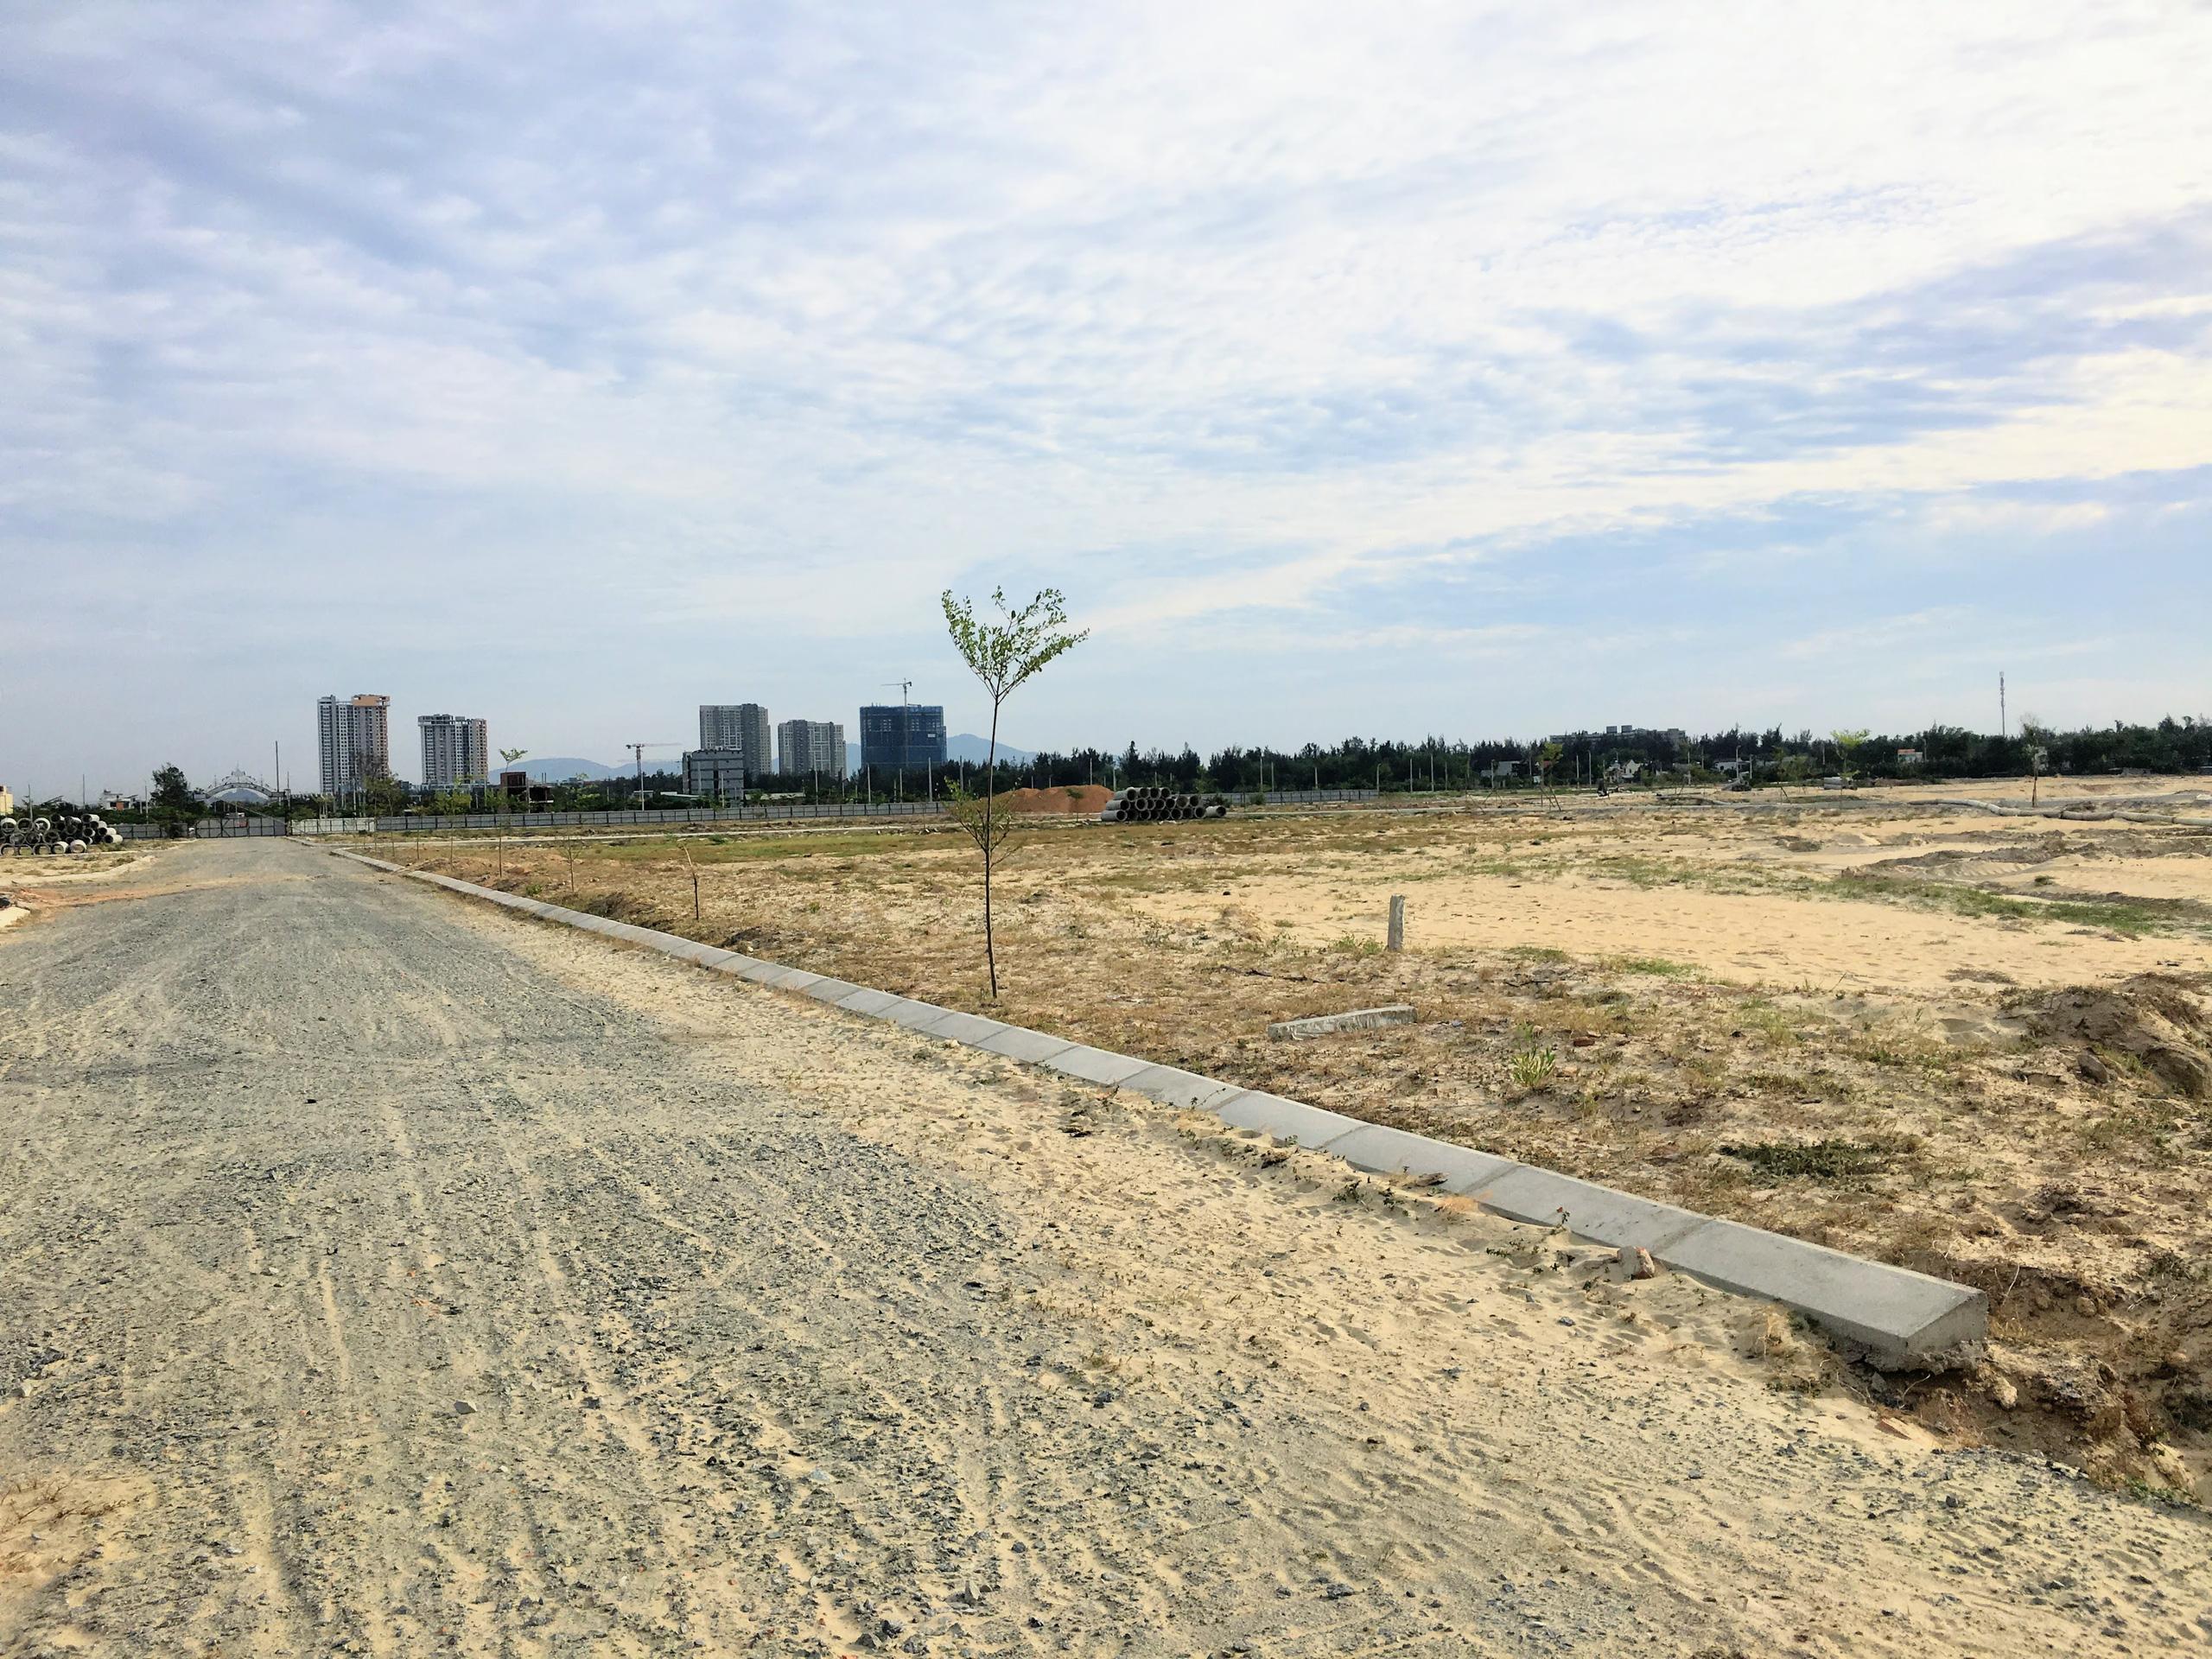 Dự án Hera Complex Riveside và Khu đô thị 7B ở Quảng Nam tiến độ thực hiện đến đâu? - Ảnh 1.